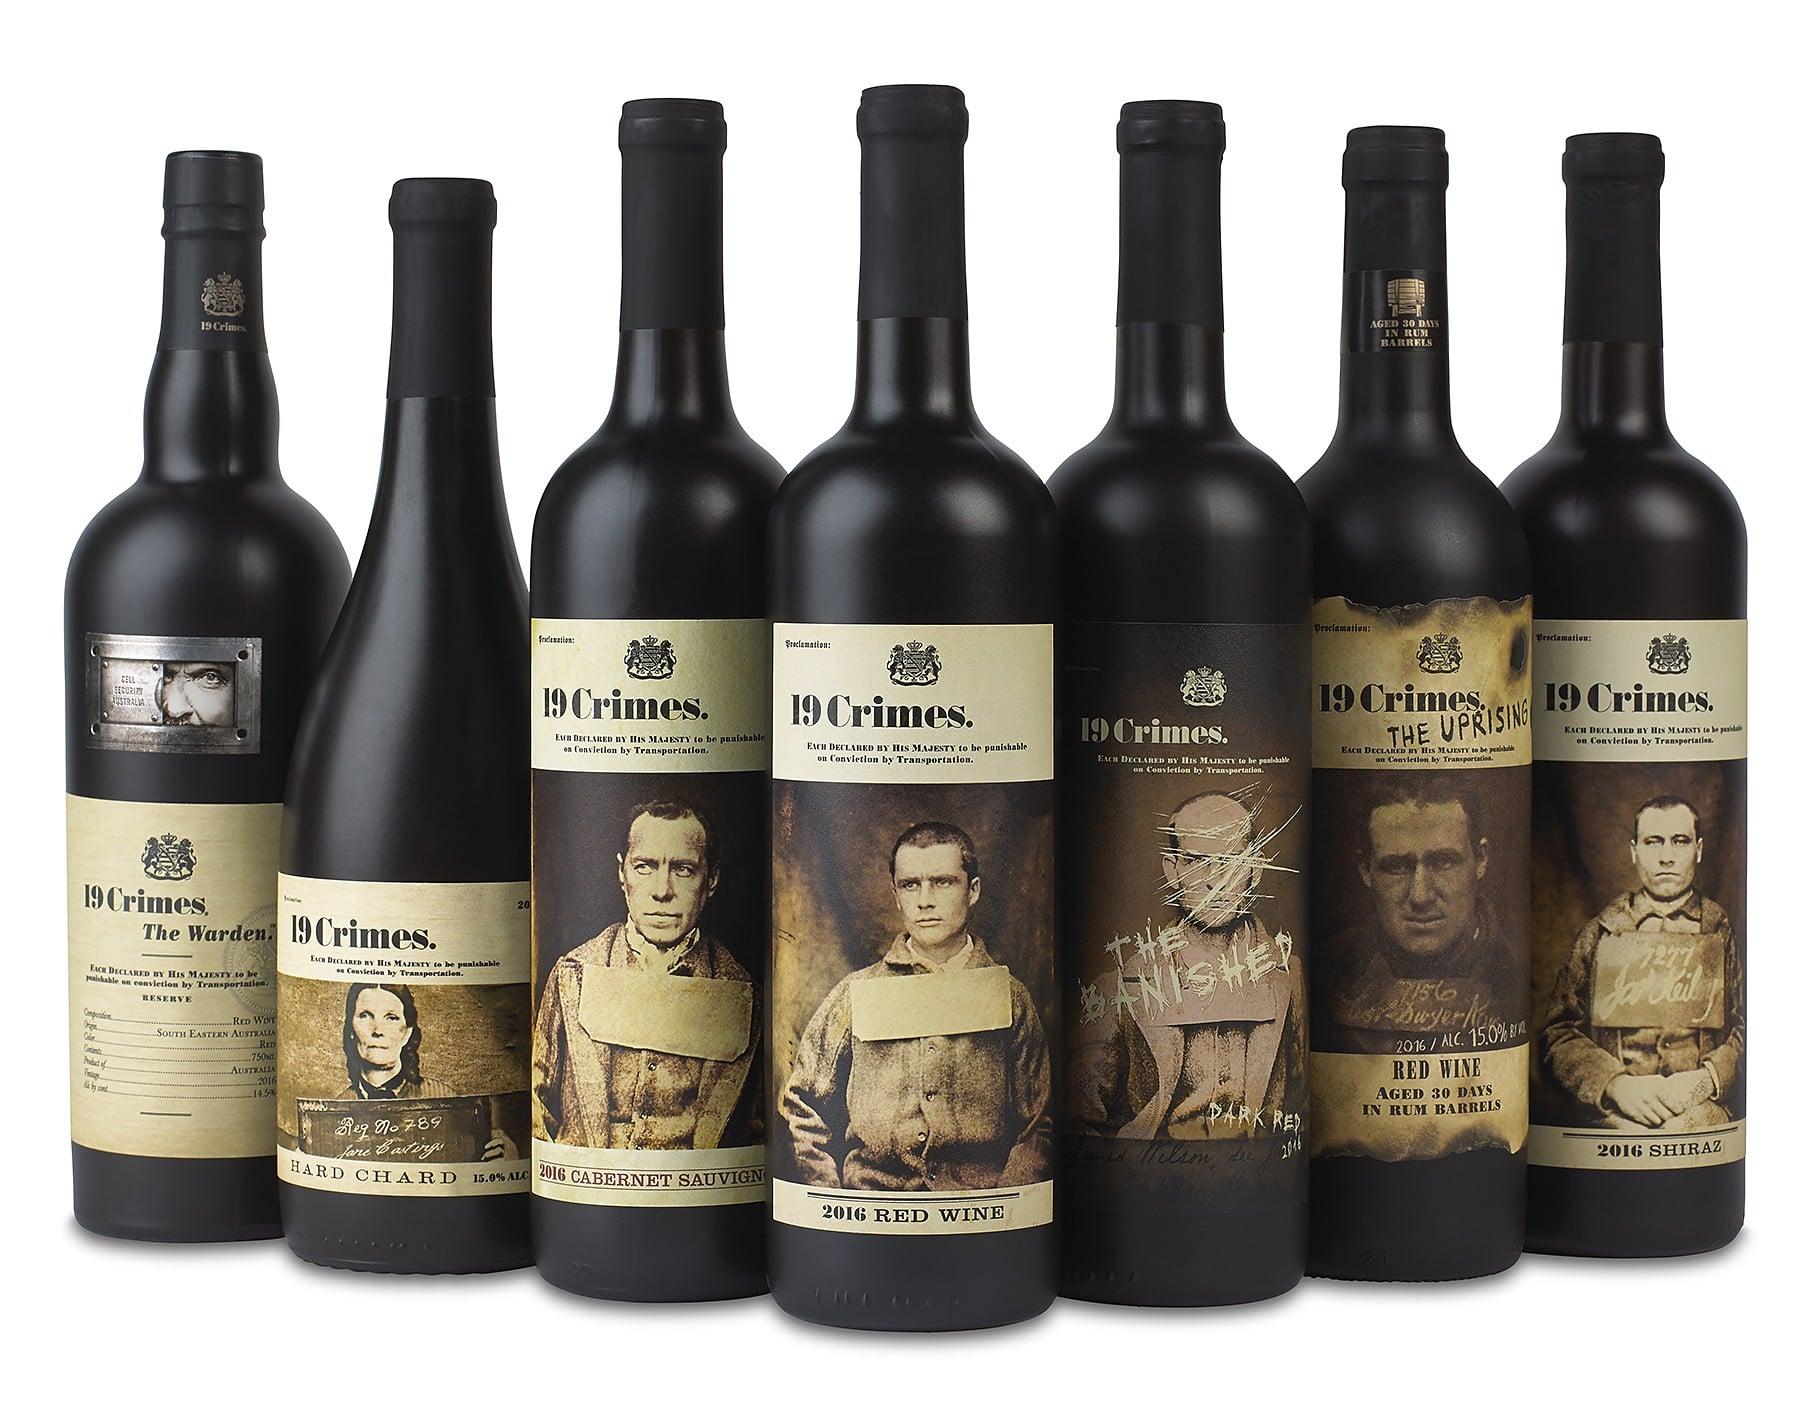 Gammes de vins 19 Crimes. Étiquettes en réalité augmentée